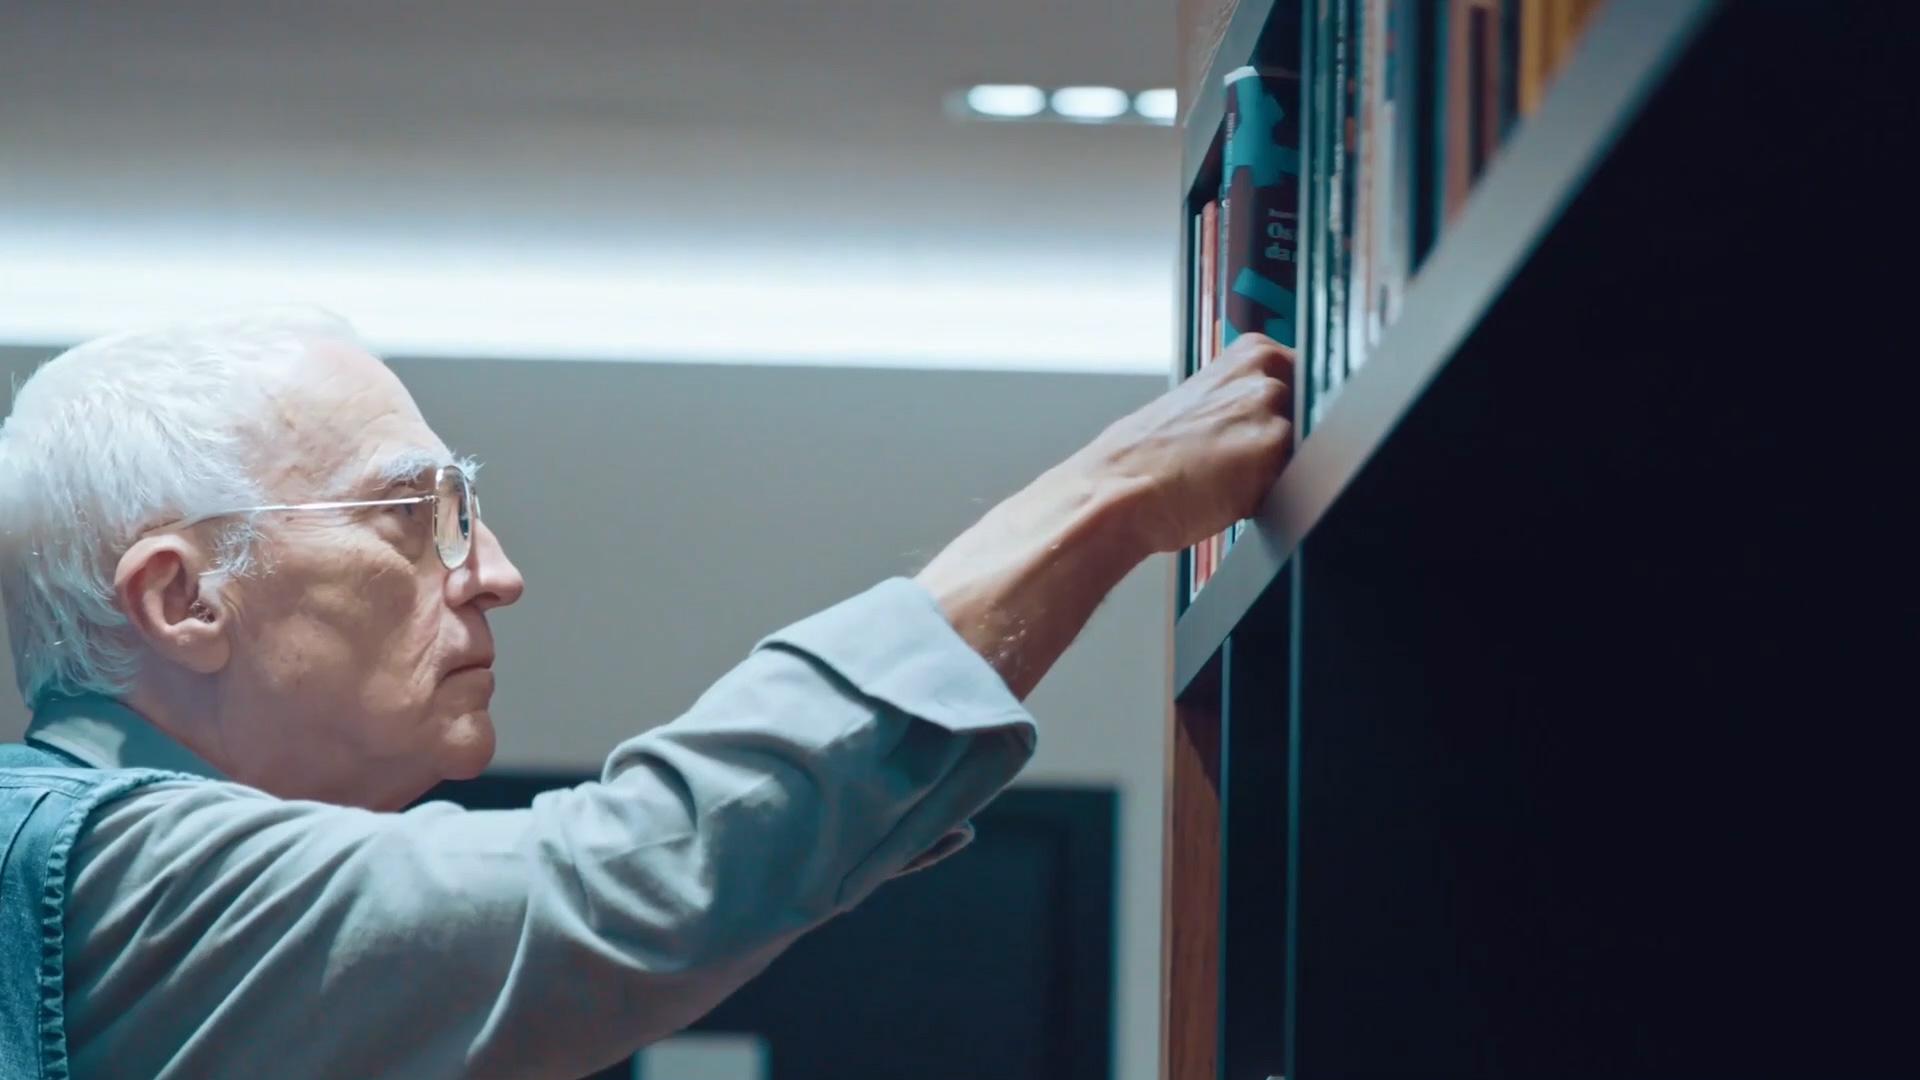 Ivan Sant'Anna pegando um livro na estante